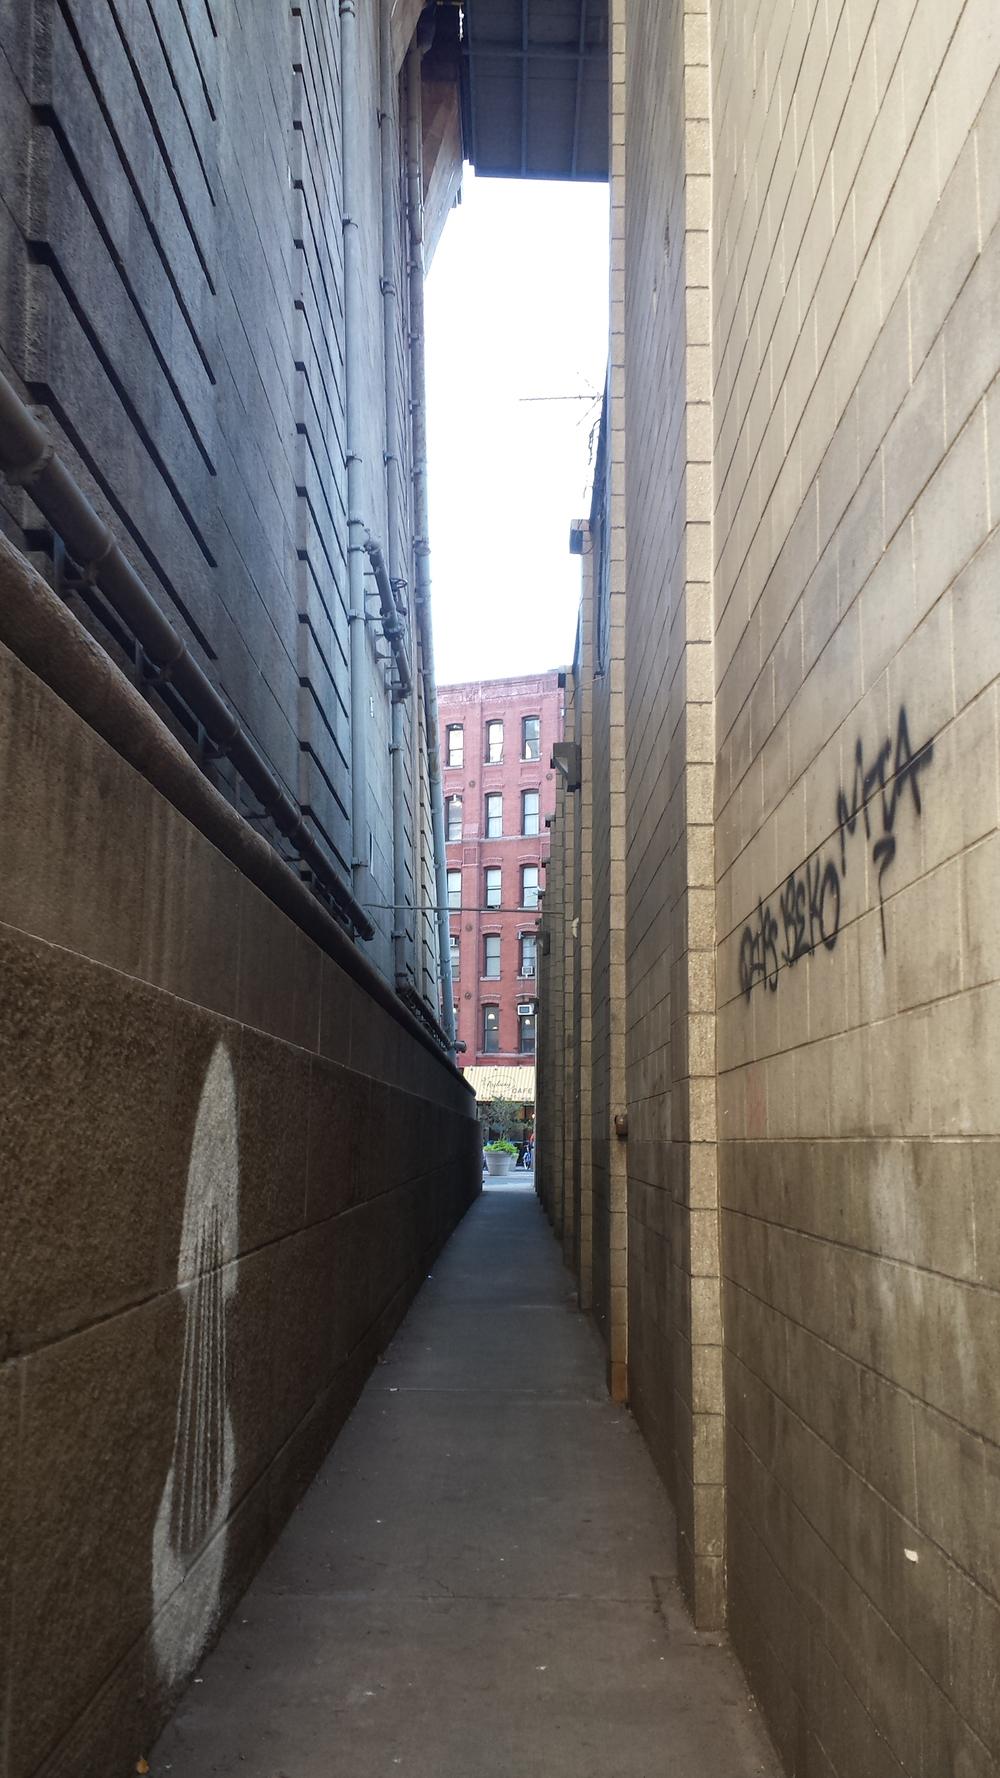 2013 10.21 Dumbo alley.jpg